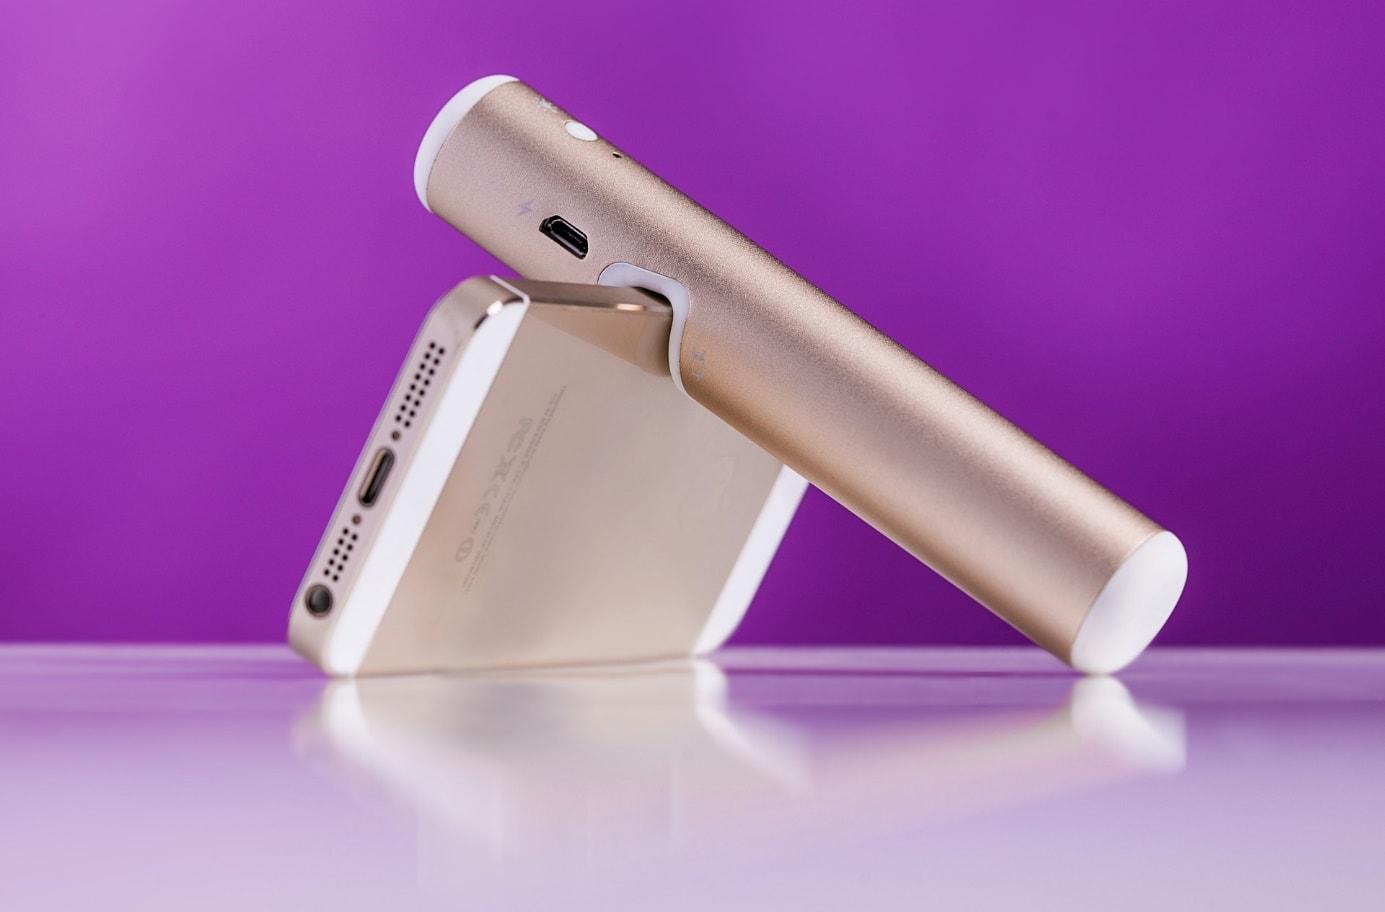 Eine goldene Powerbank und ein goldenes Smartphone